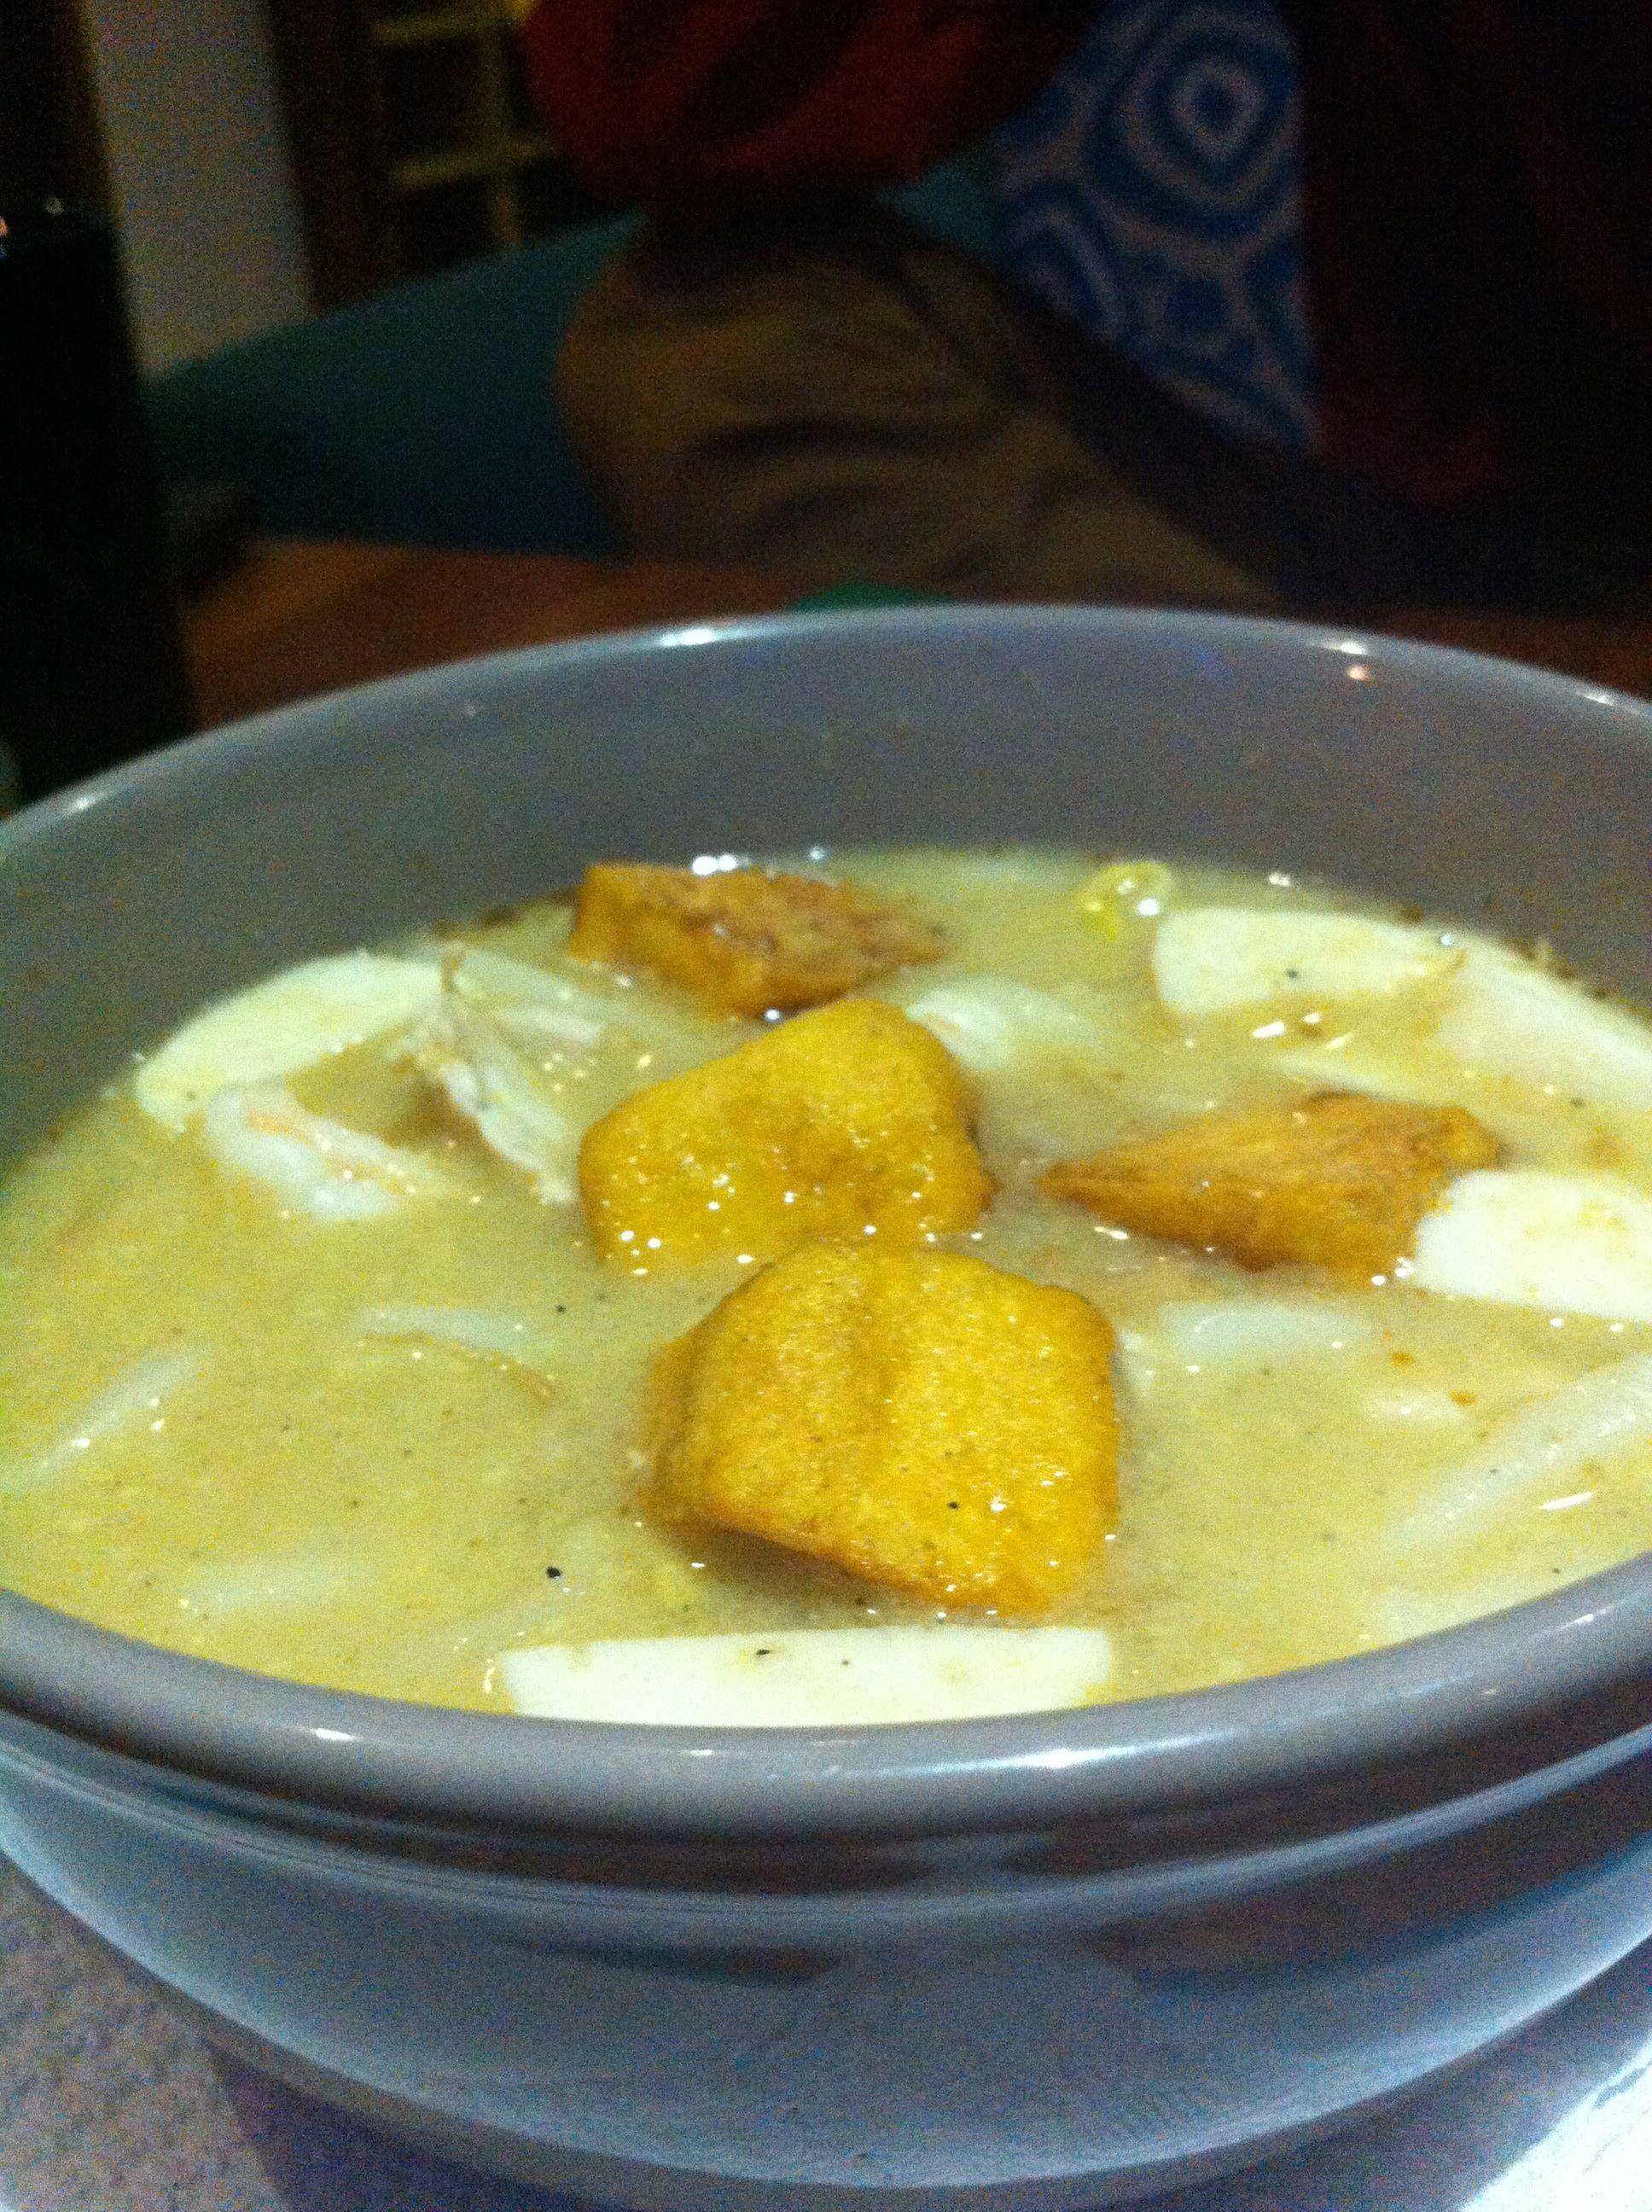 Laksa idr 23K #Bandung #carimakanbdg #kulinerbandung #bandungfoodie #foodie #foodism #foodblogger #foodphotography